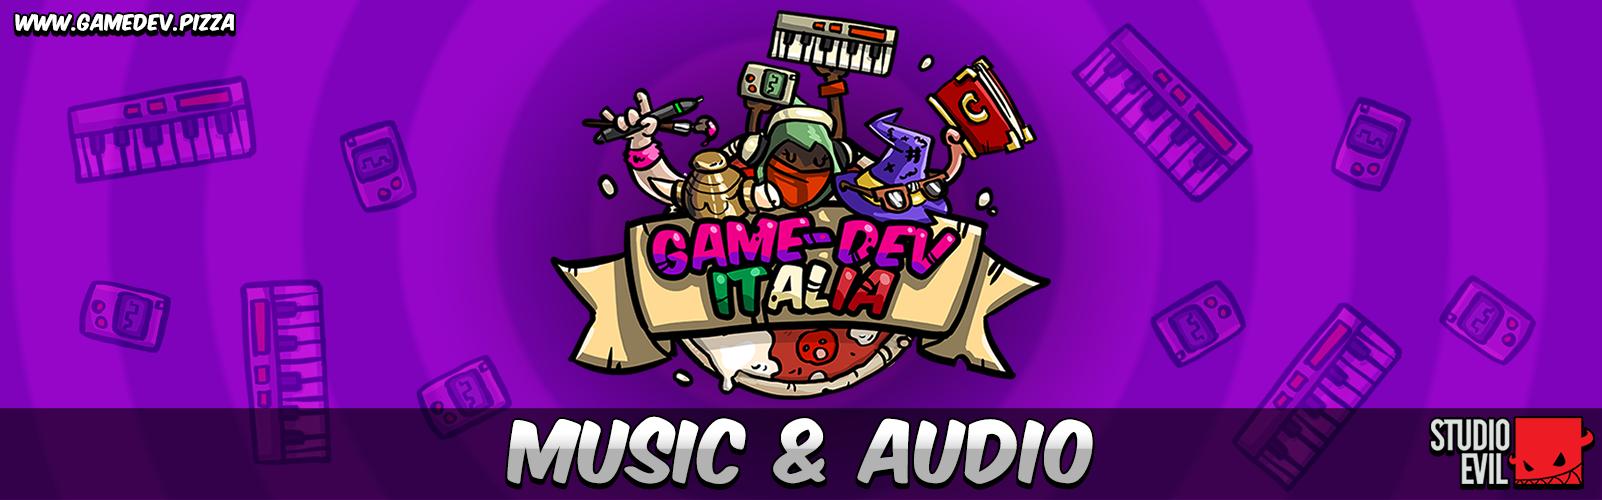 gamedev_italia_banner__0004_music